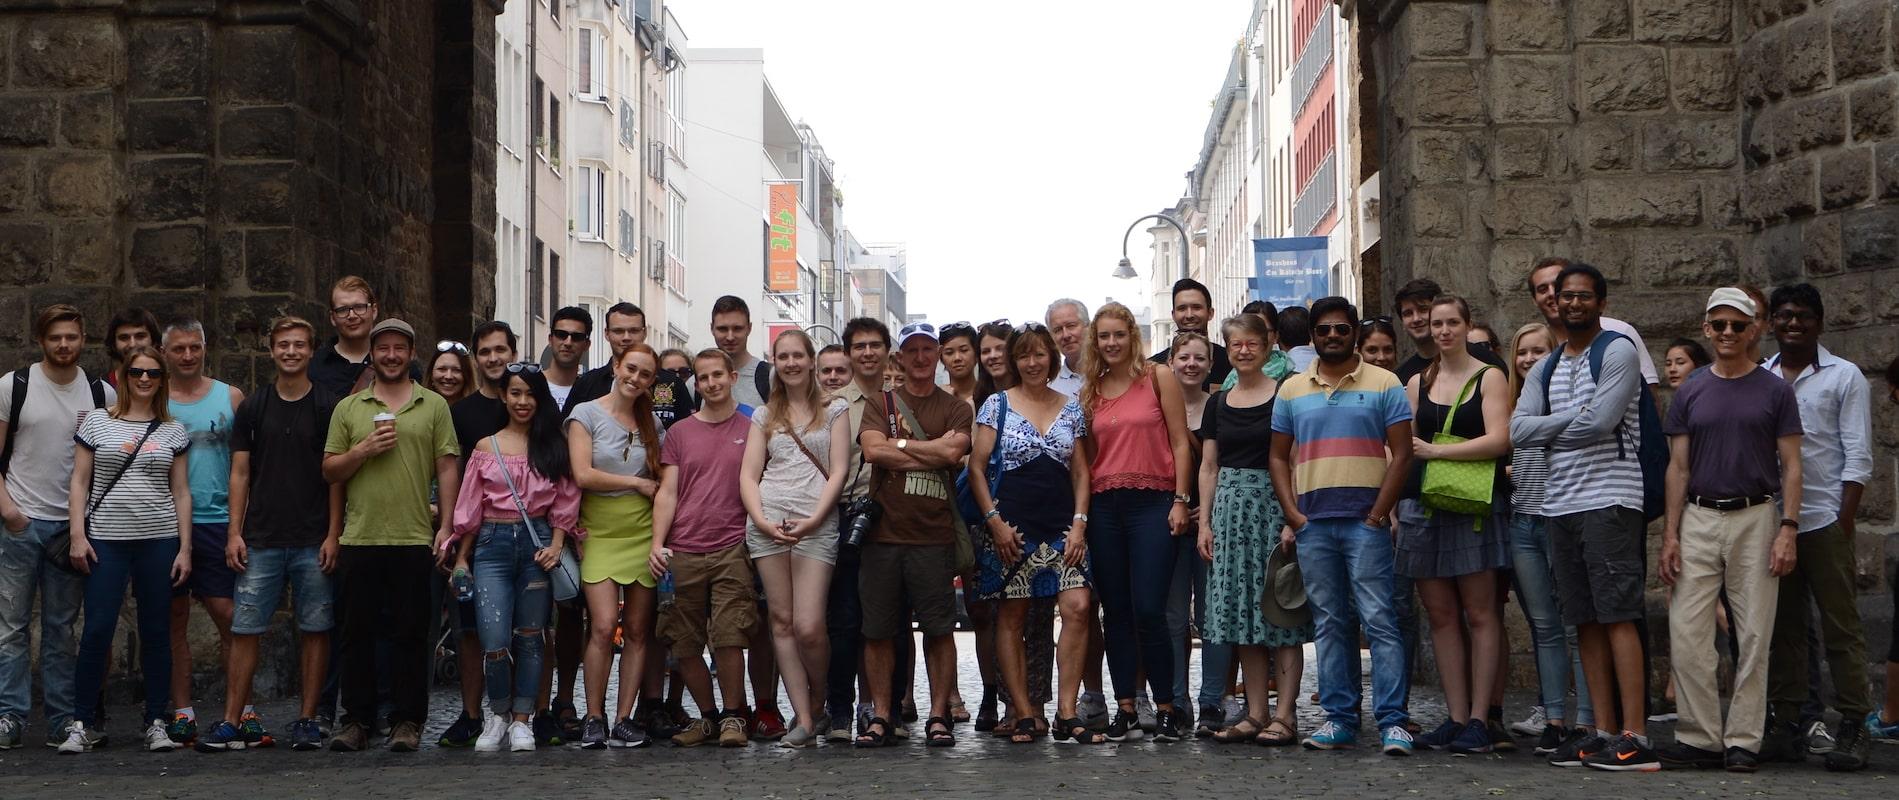 Free walking tour Cologne